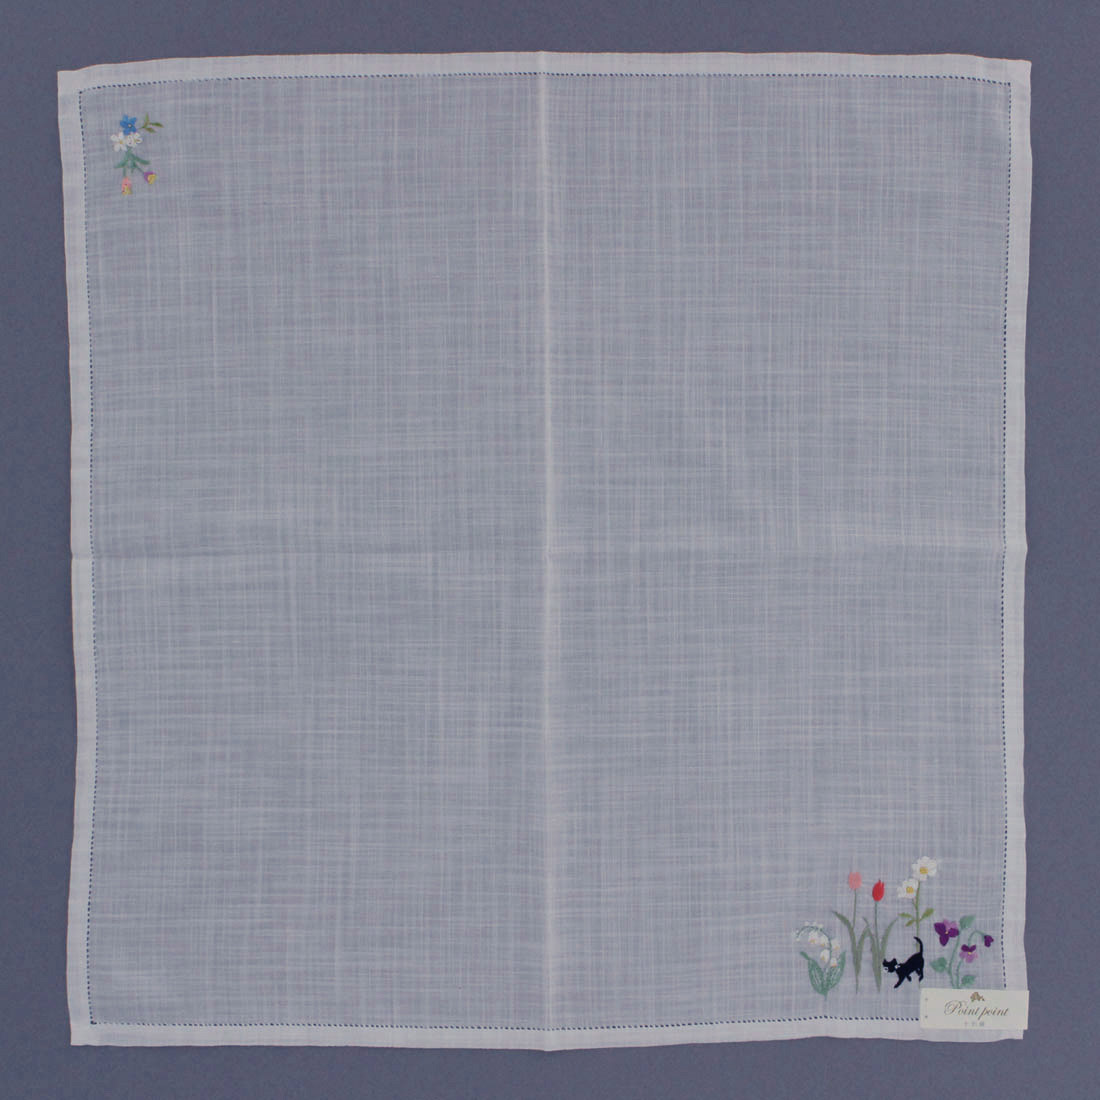 ポワンポワン ベトナム手刺繍ハンカチ 6221-10 ホワイト